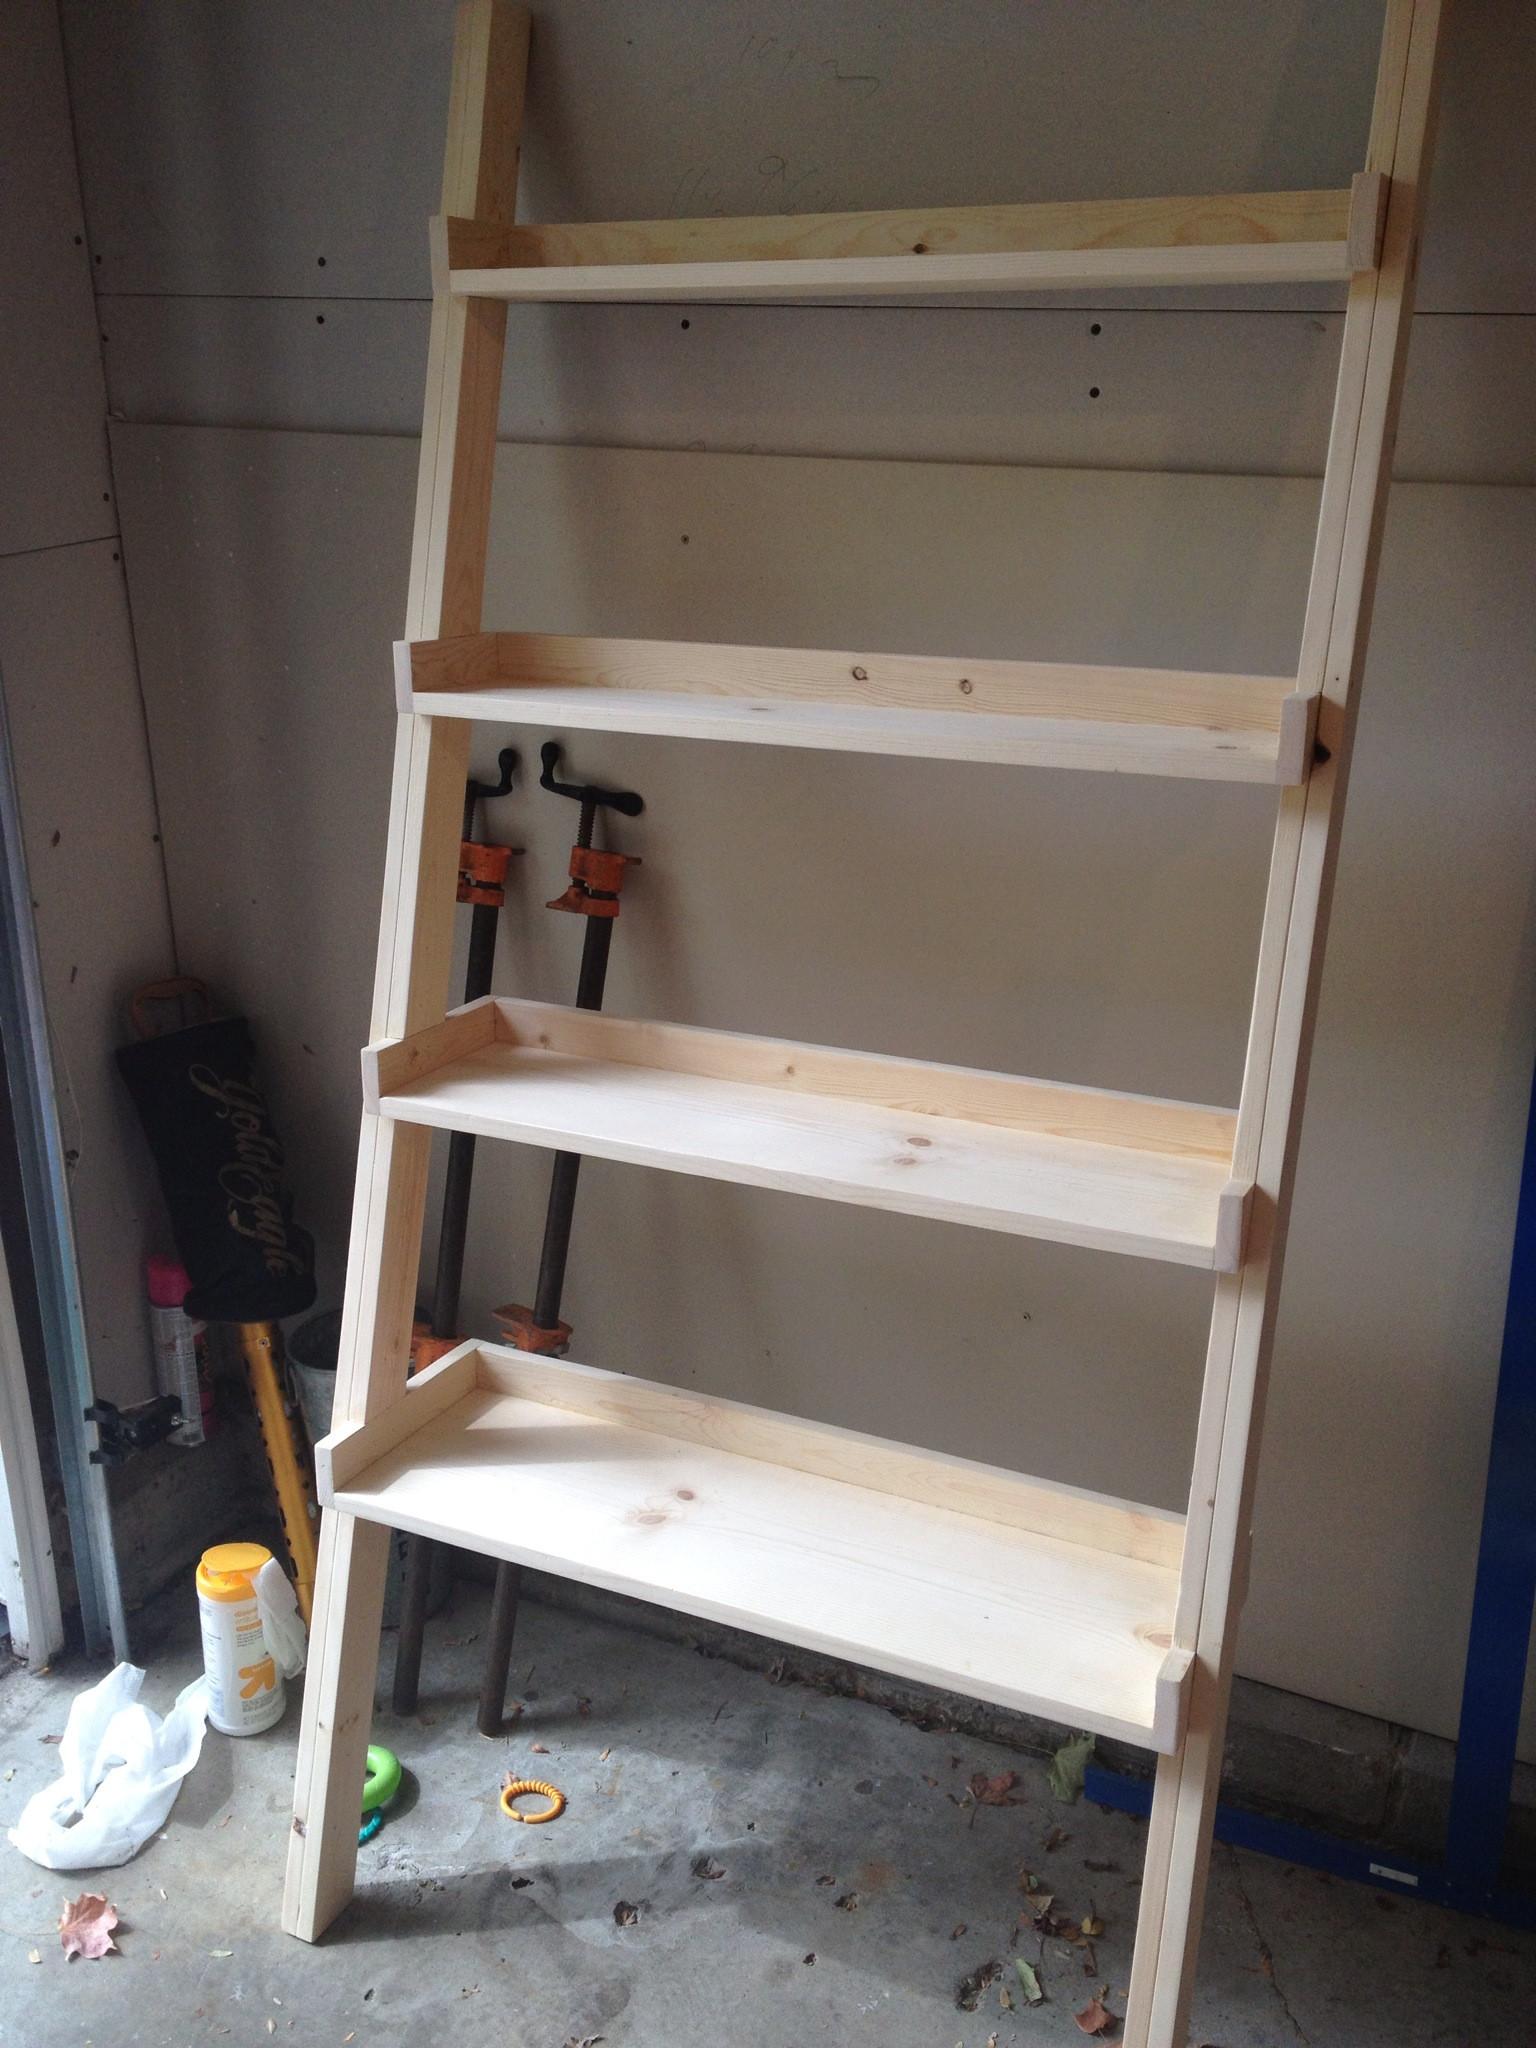 DIY Bookshelf Plans  bookshelf diy plans